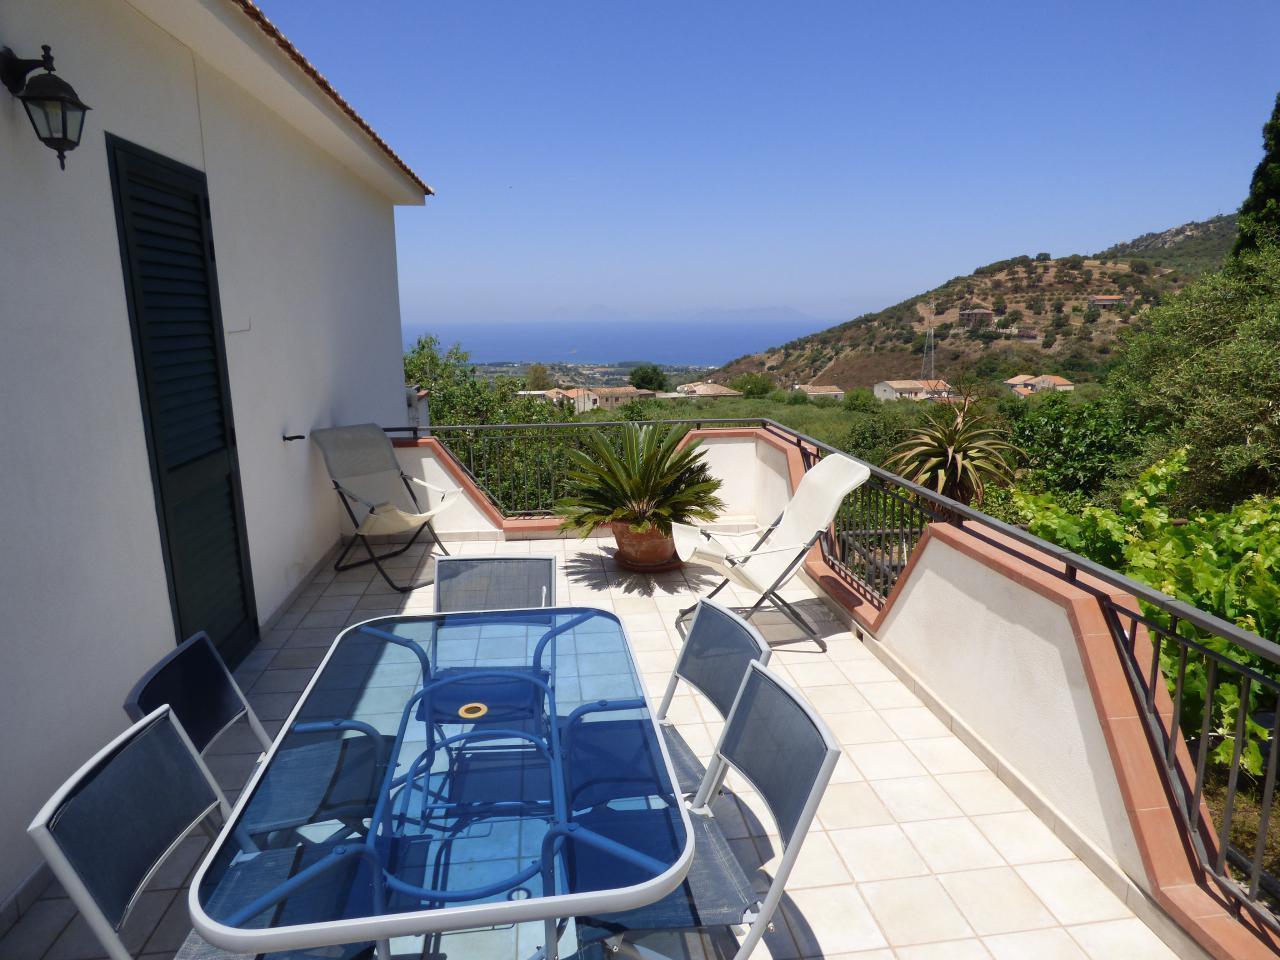 Ferienhaus Villa Maria ein schönes Landhaus in einer ruhigen und sonnige lage mit Blick auf den Eolie (482652), Patti, Messina, Sizilien, Italien, Bild 4